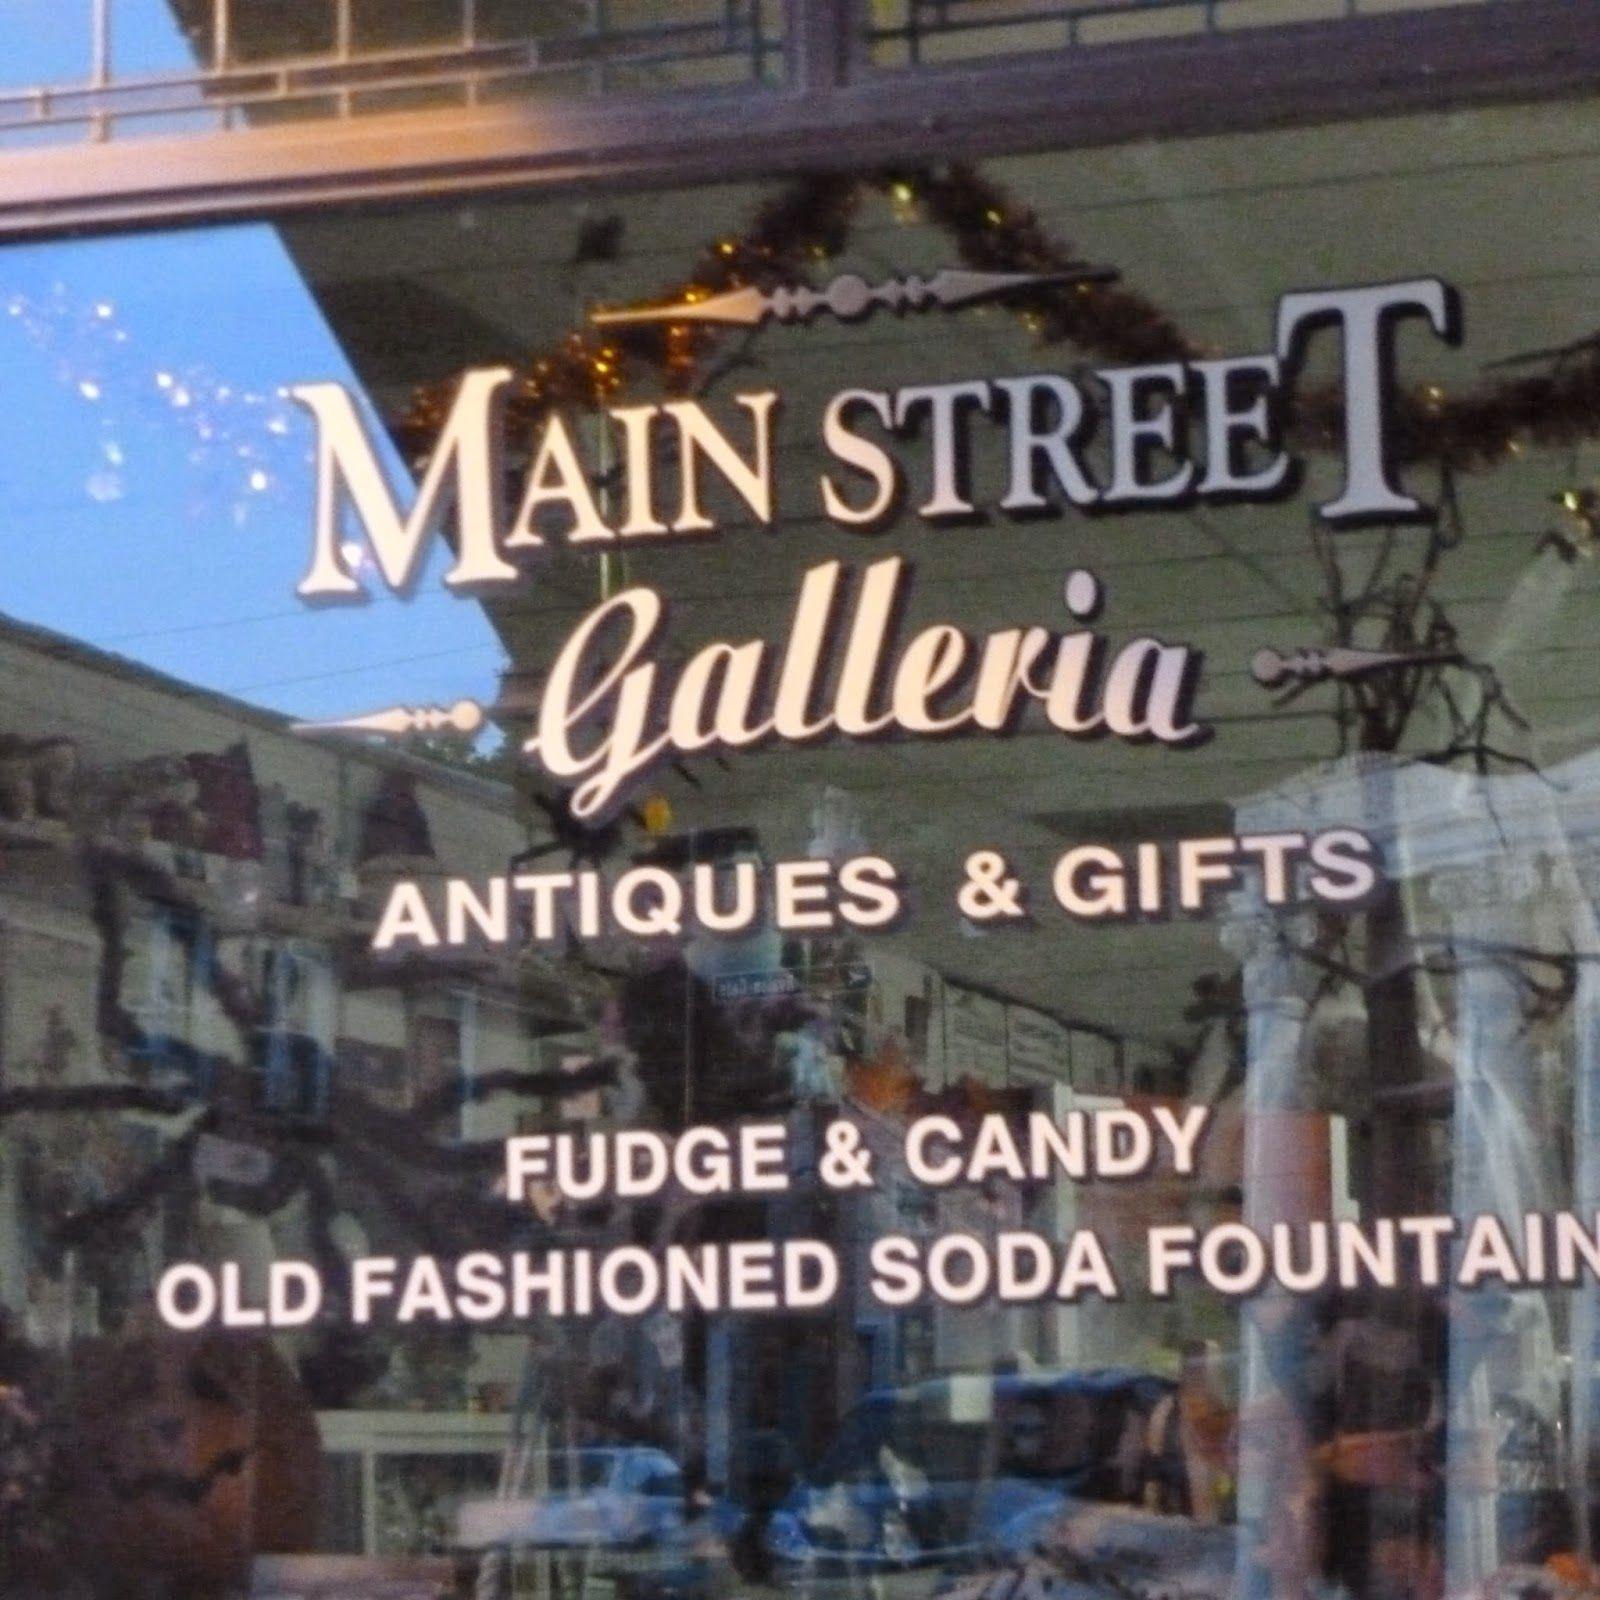 Main Street Galleria: ELITE Paranormal Investigates and registers EVPs